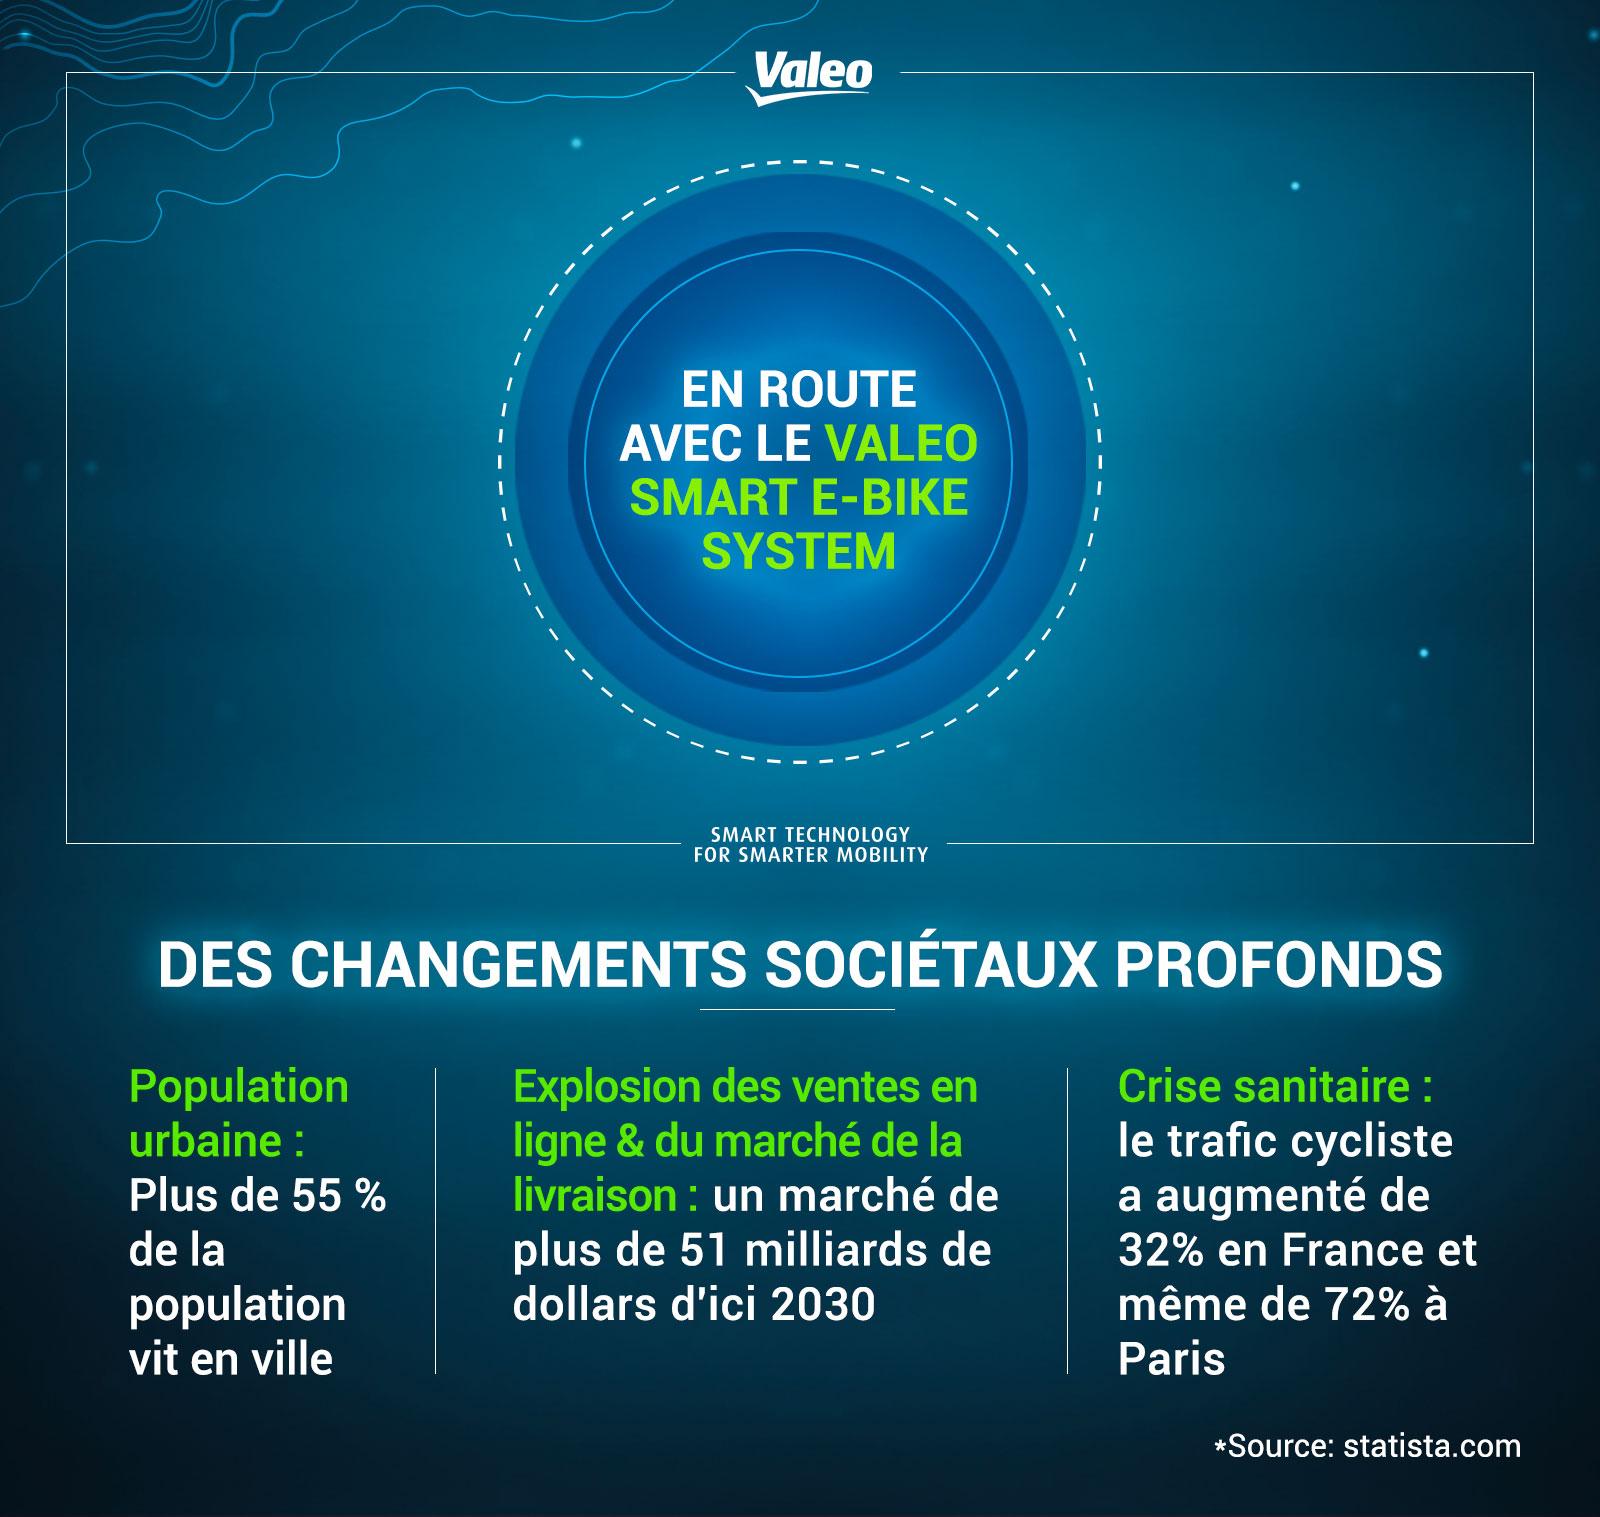 En_route_avec_Valeo_smart_e-bike_system_1600_1517